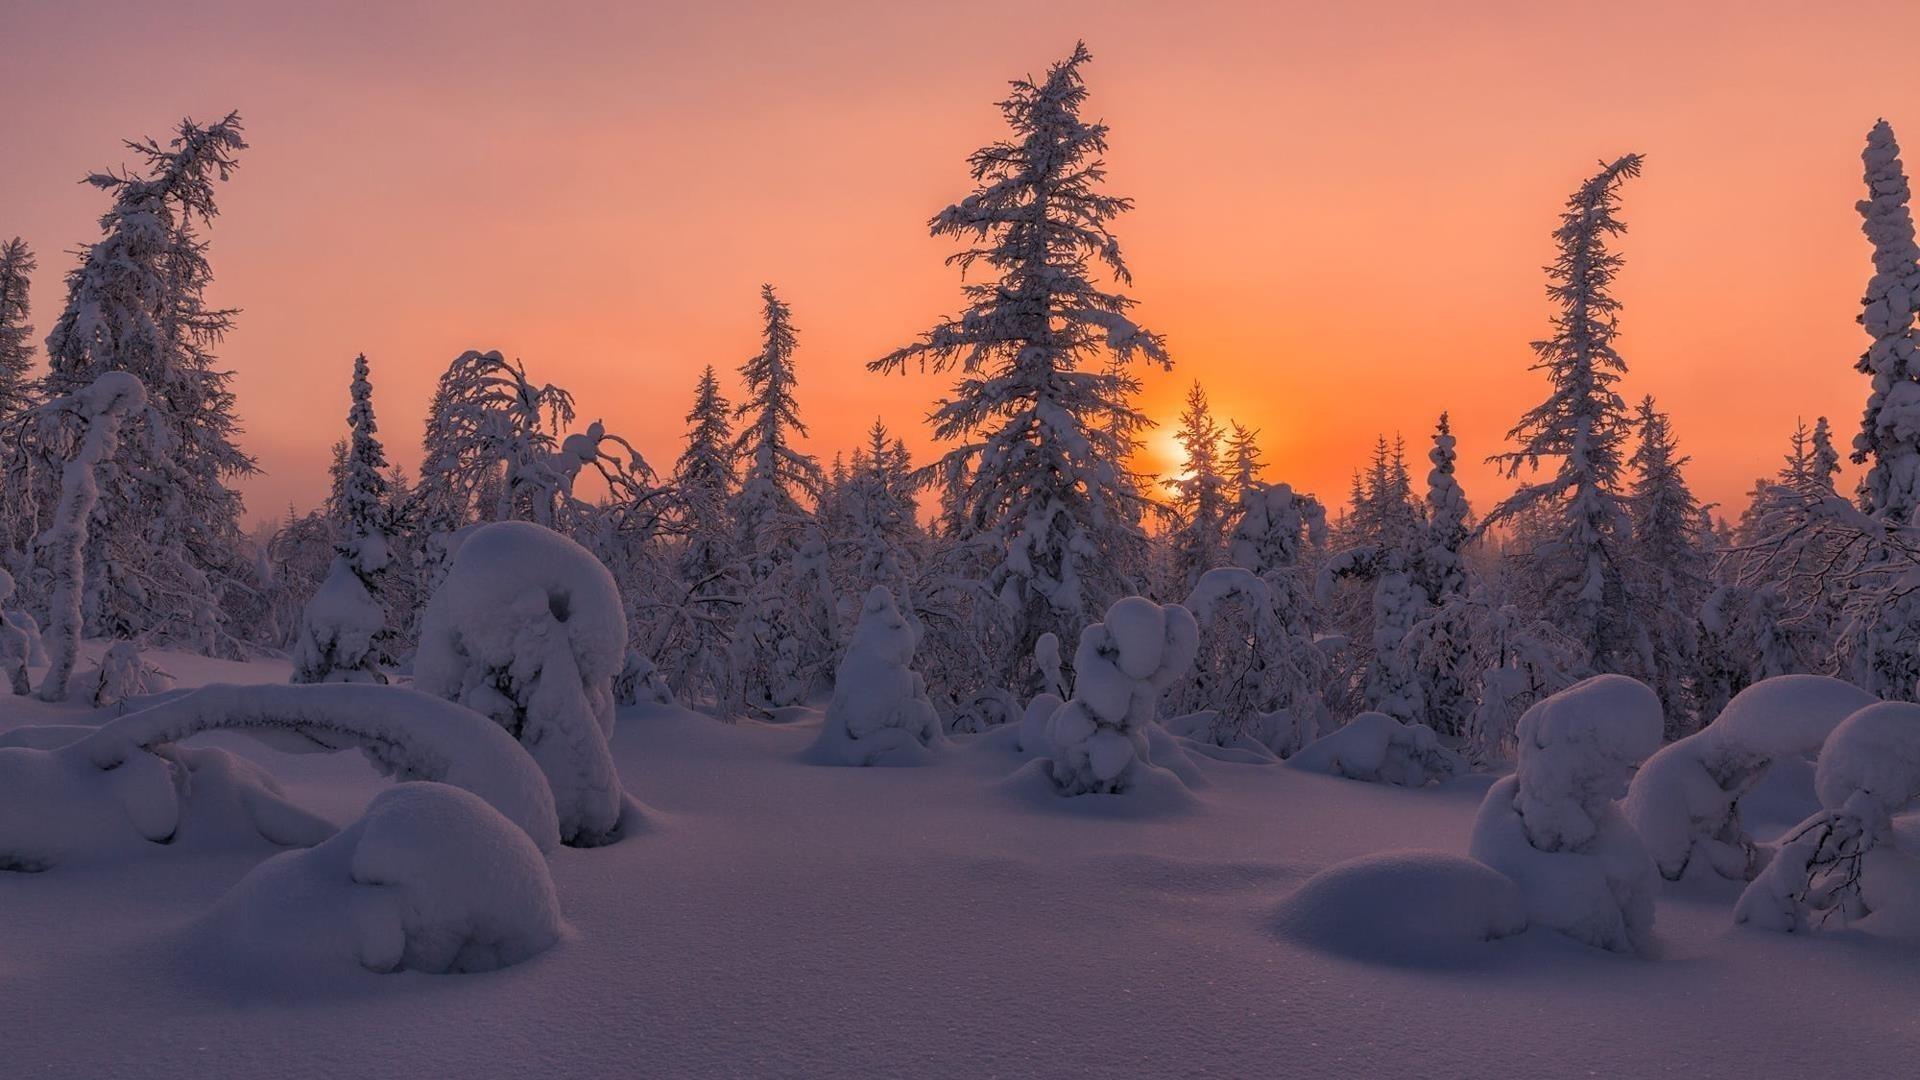 Заснеженный еловый лес во время заката природа зима обои скачать